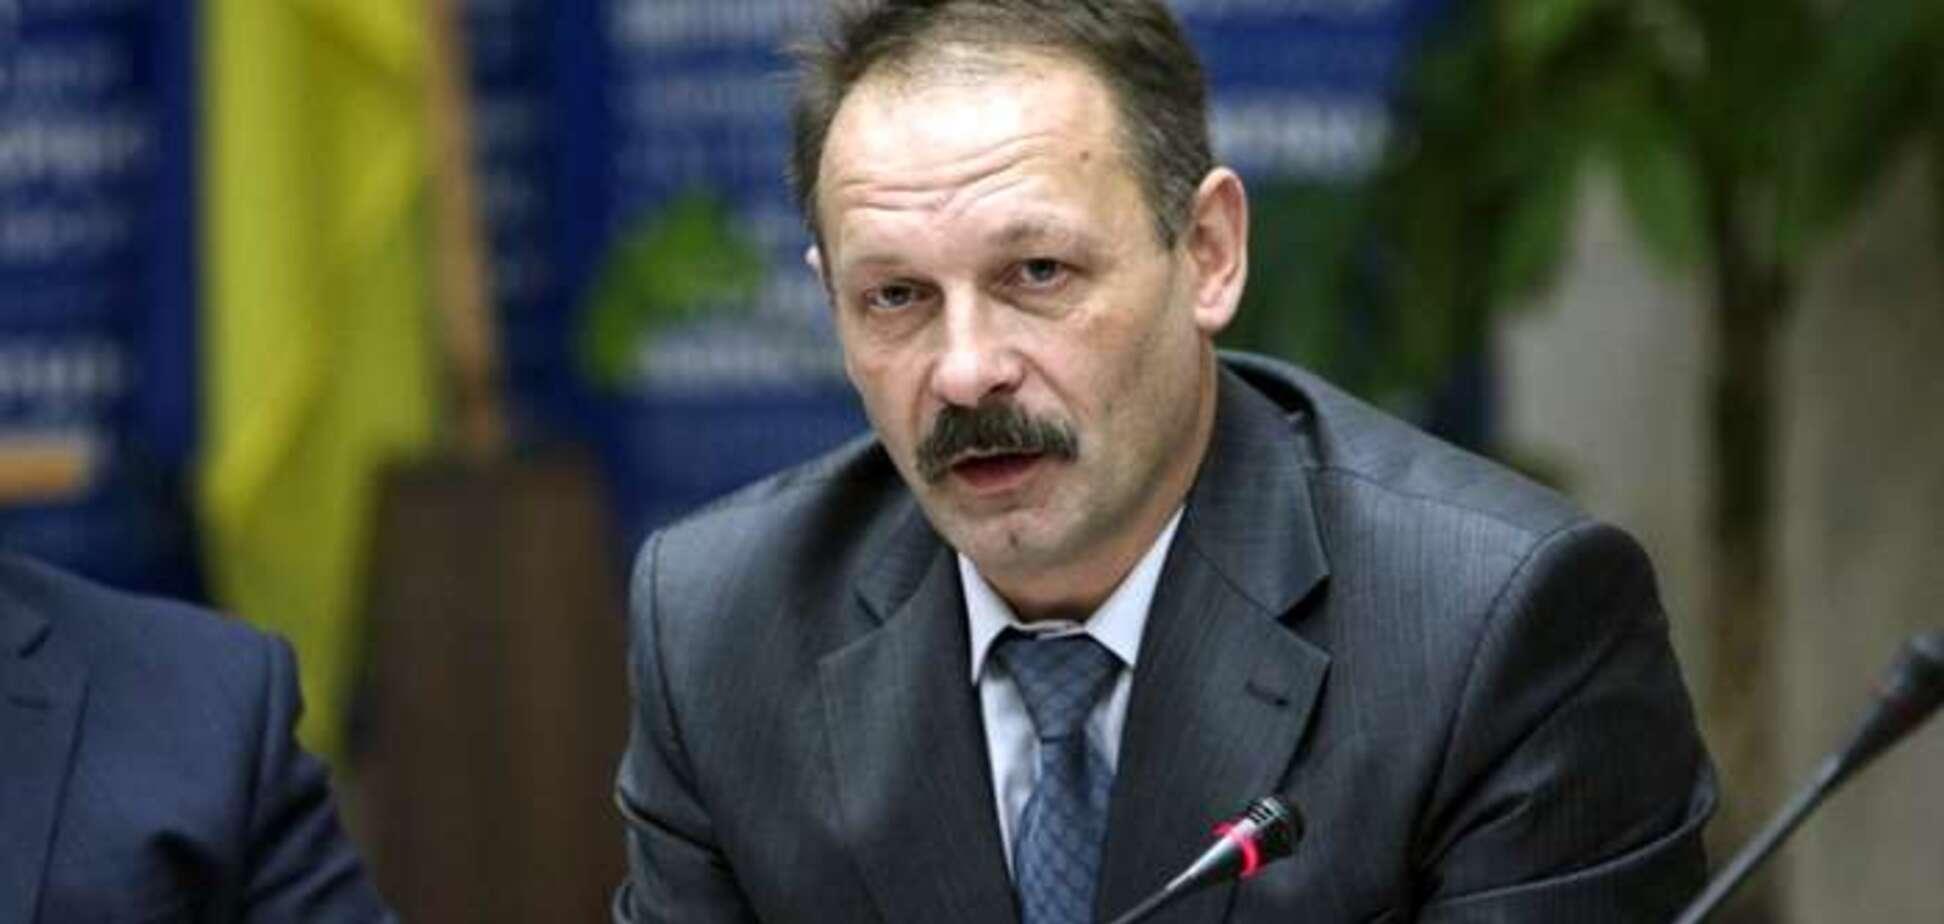 'Чем в доме меньше д*рьма...': в Раде жестко прошлись по Саакашвили и Ко